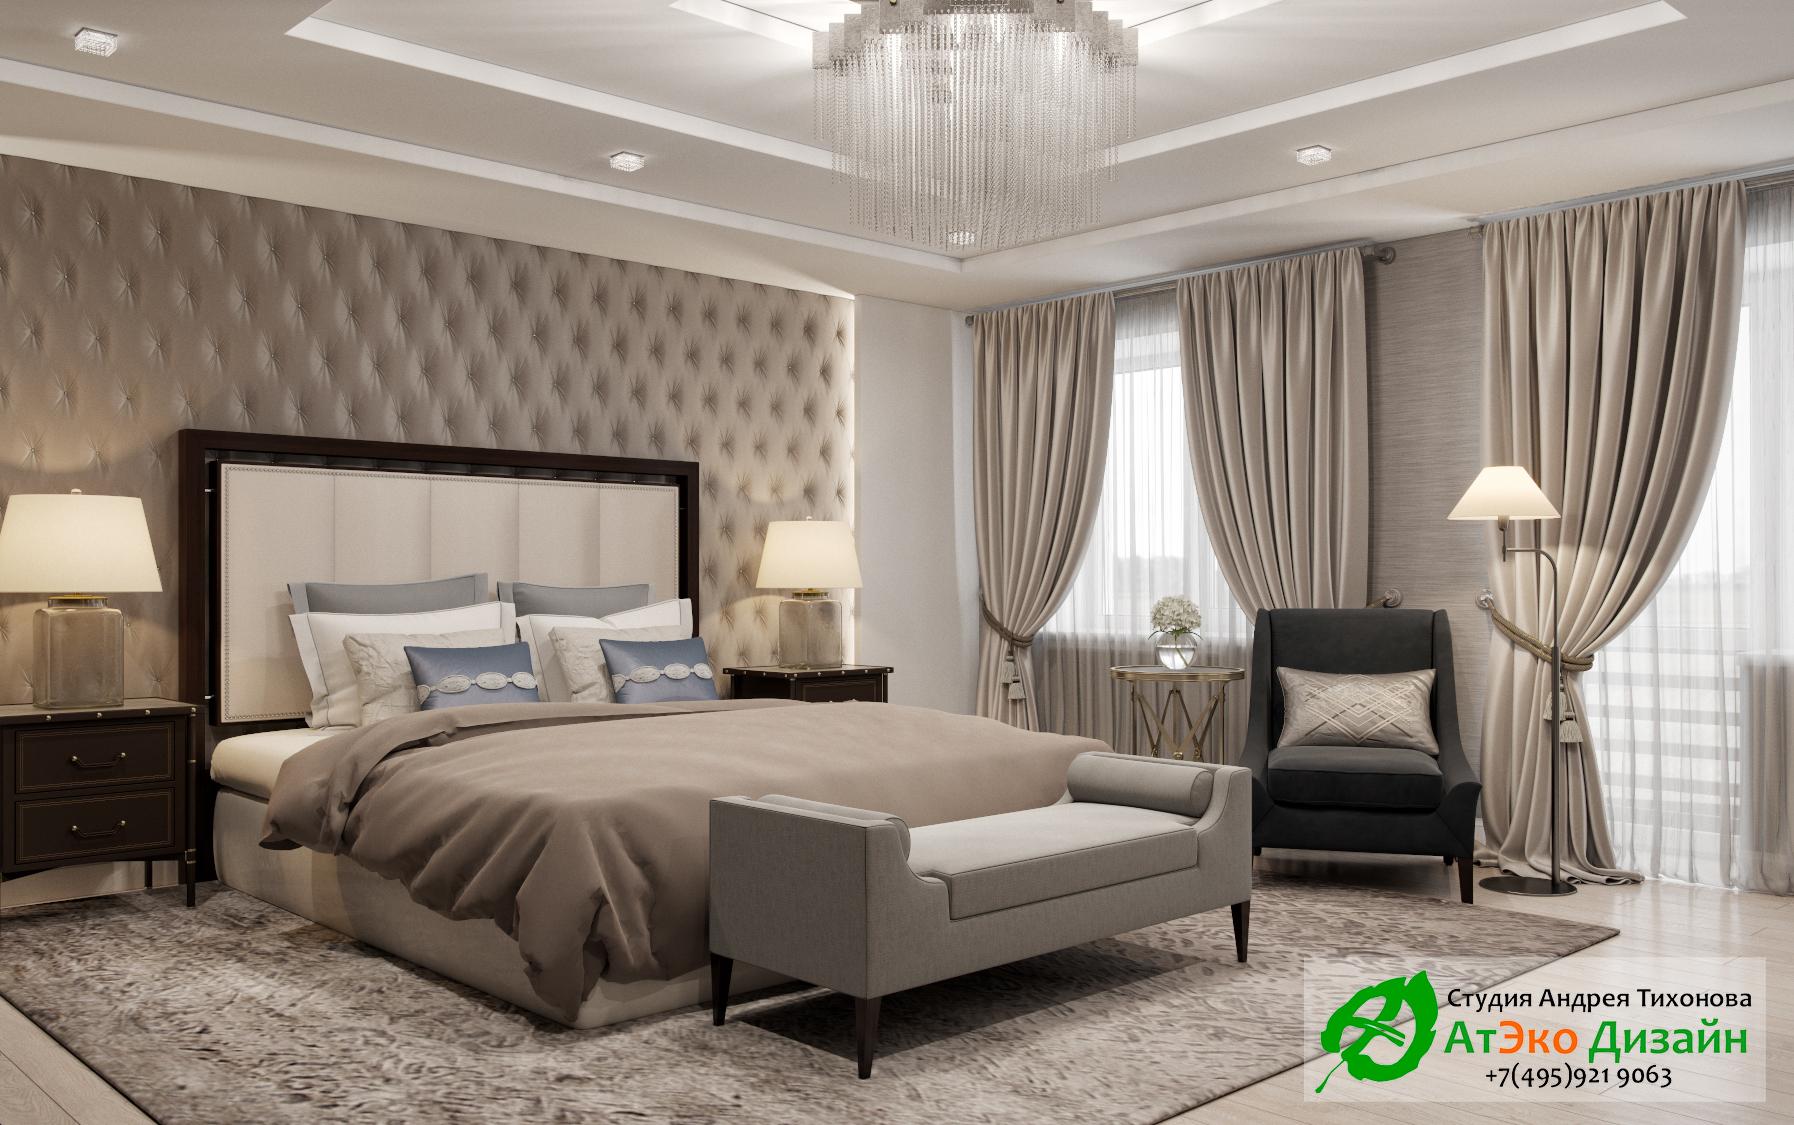 Фото дизайна спальни родителей в апартаментах